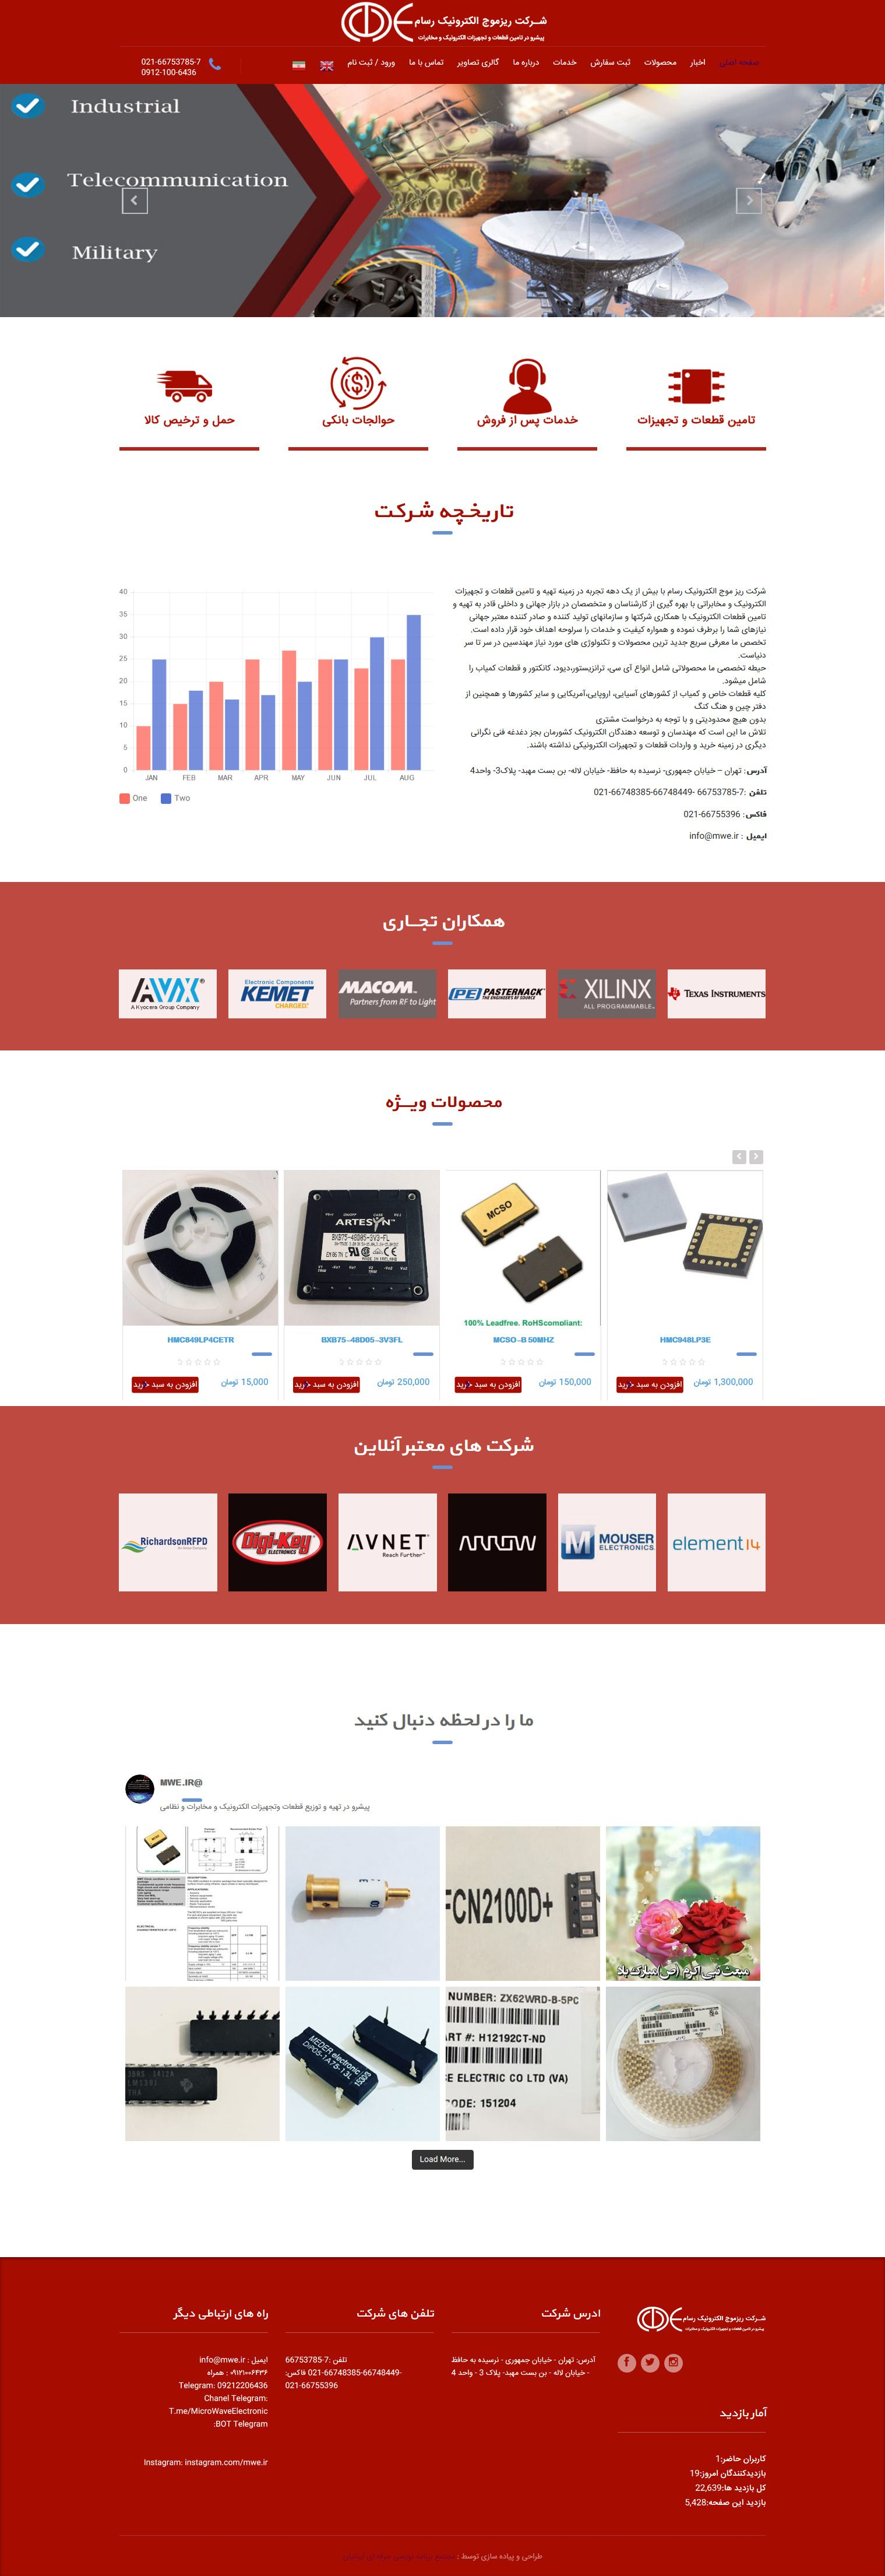 صفحه اصلی سایت شرکت ریز موج الکترونیک رسام